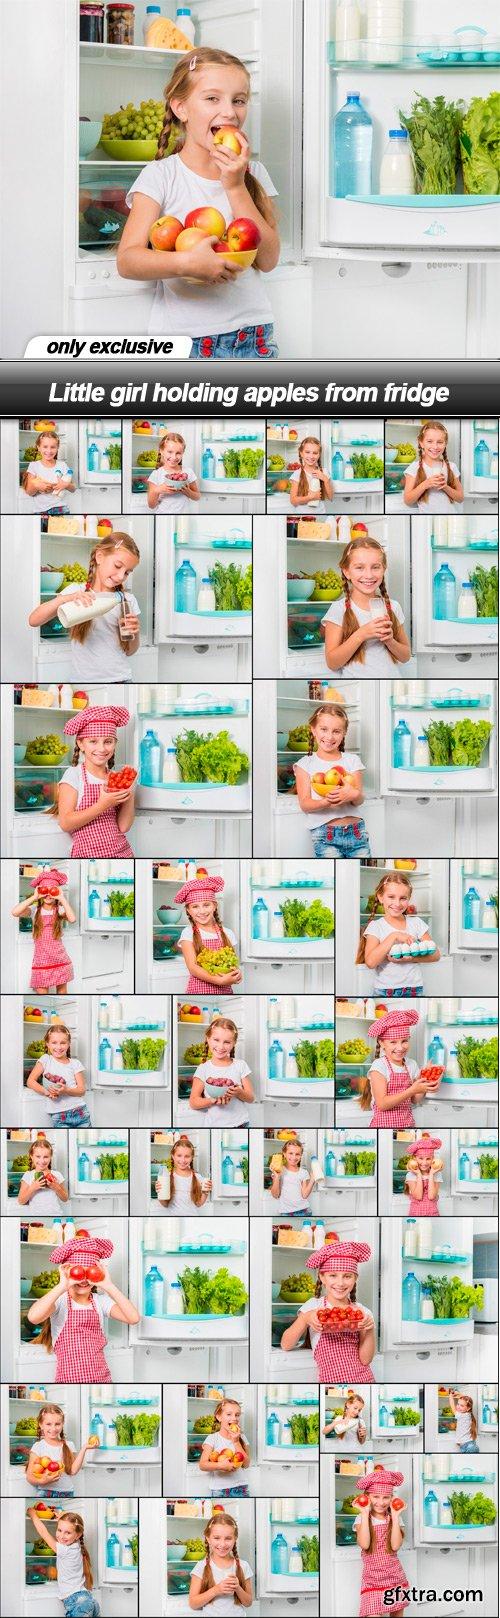 Little girl holding apples from fridge - 27 UHQ JPEG